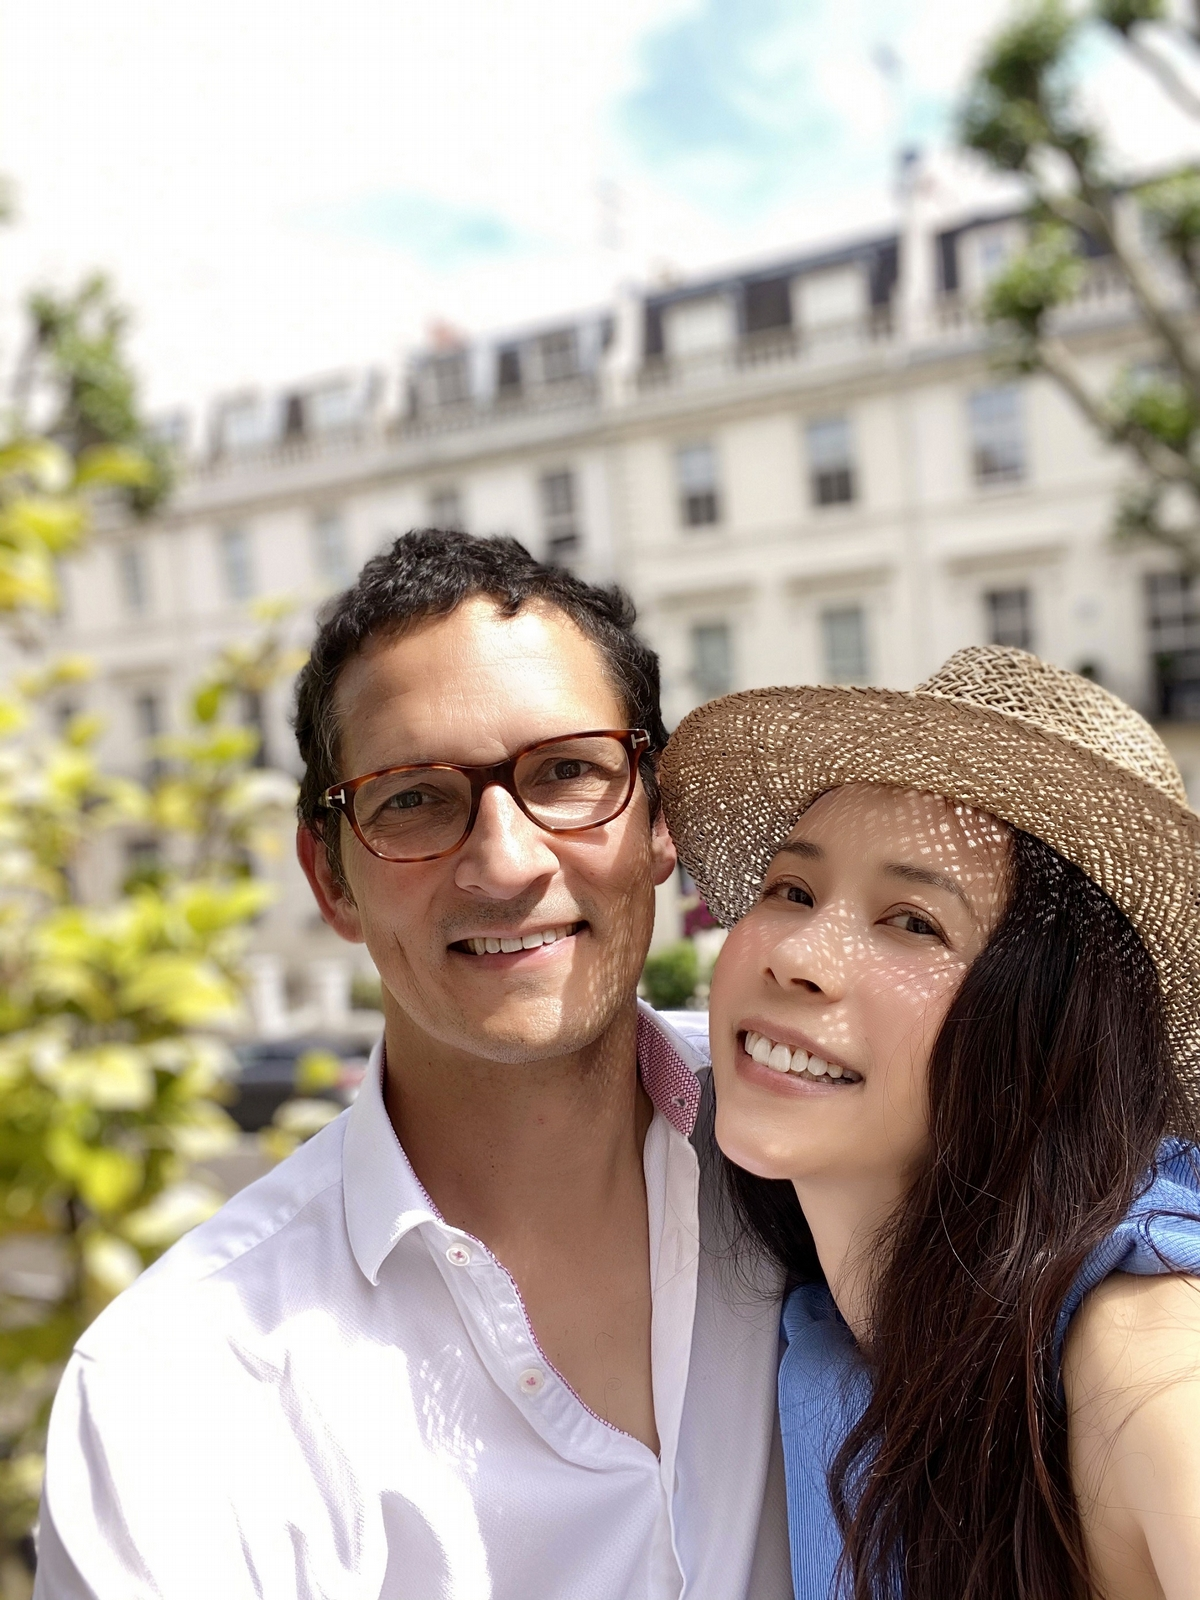 莫文蔚嫁給初戀成永恆!重新詮釋《食神》隱藏曲目〈初戀〉自豪從不暈船